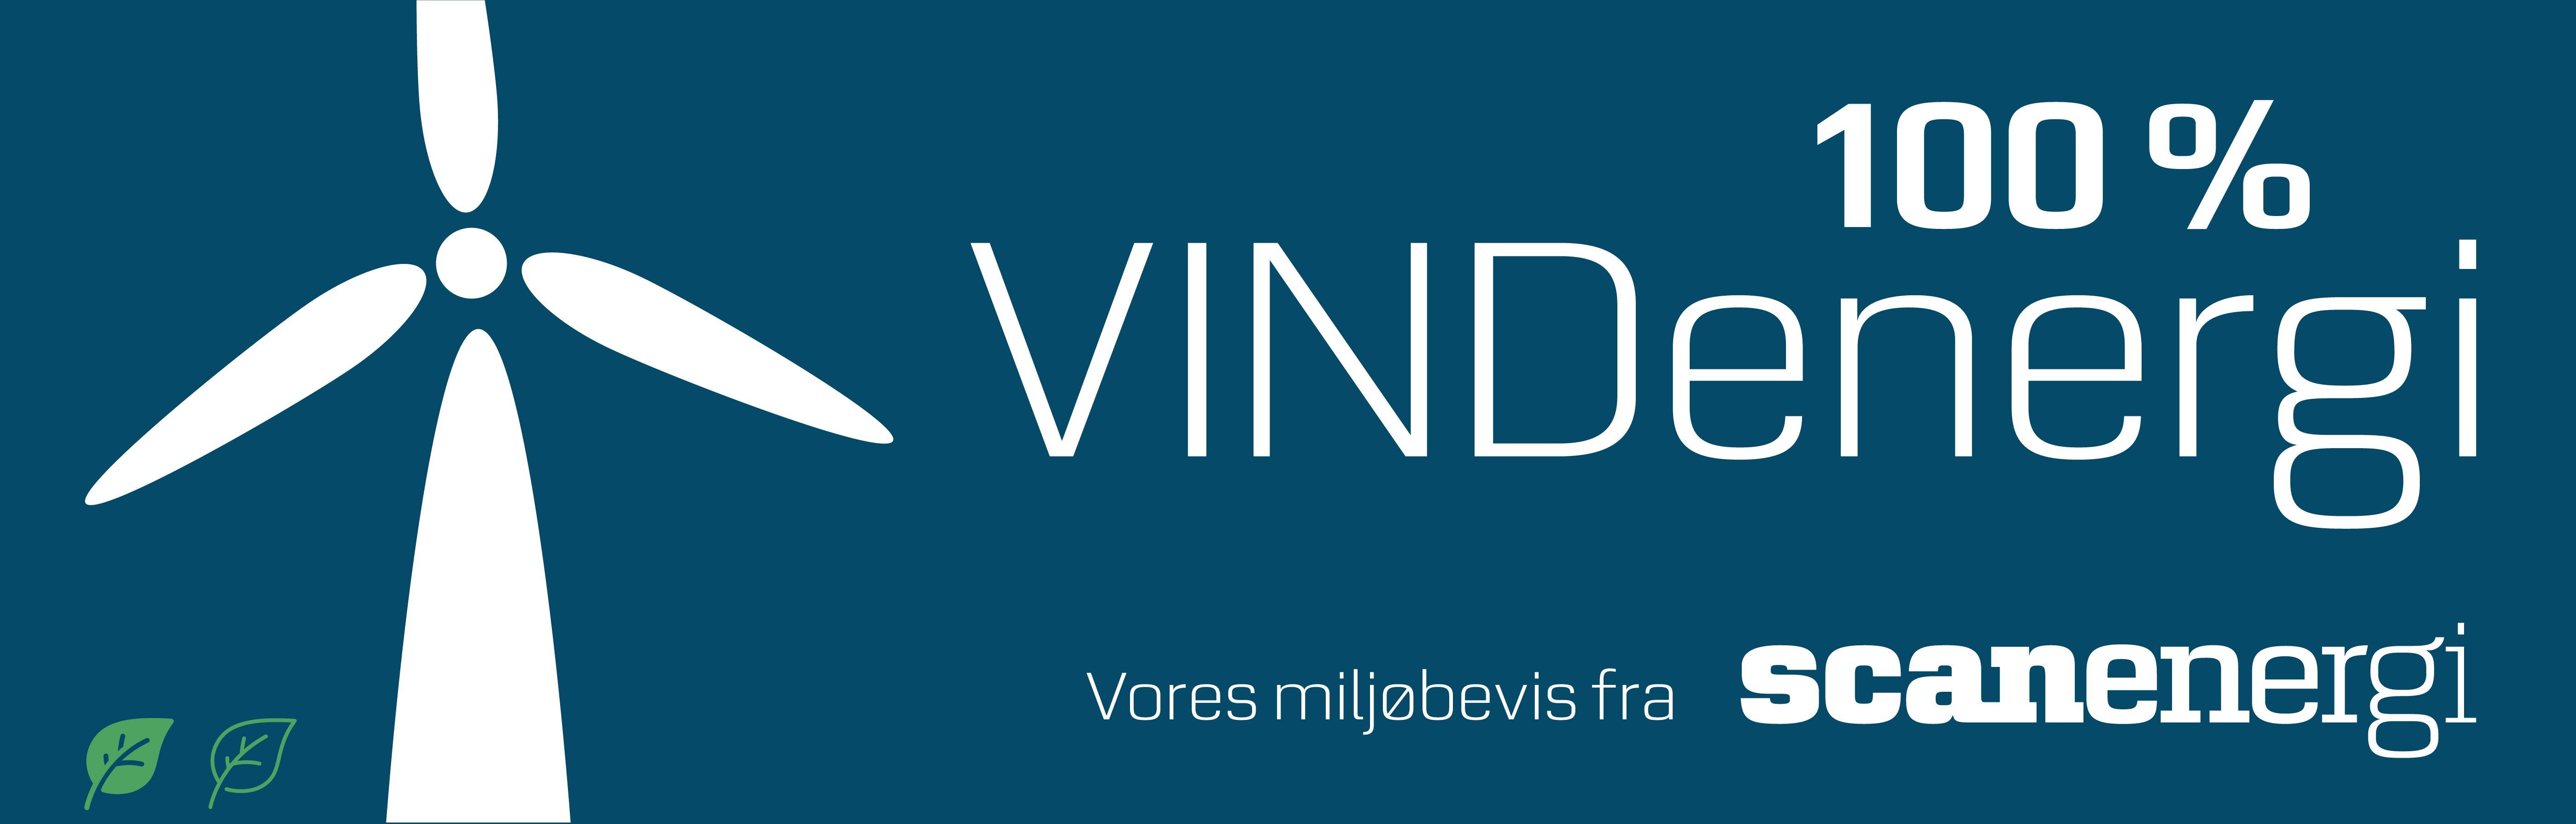 VINDenergi_scanenergi_1342x429_blad_hjemmeside